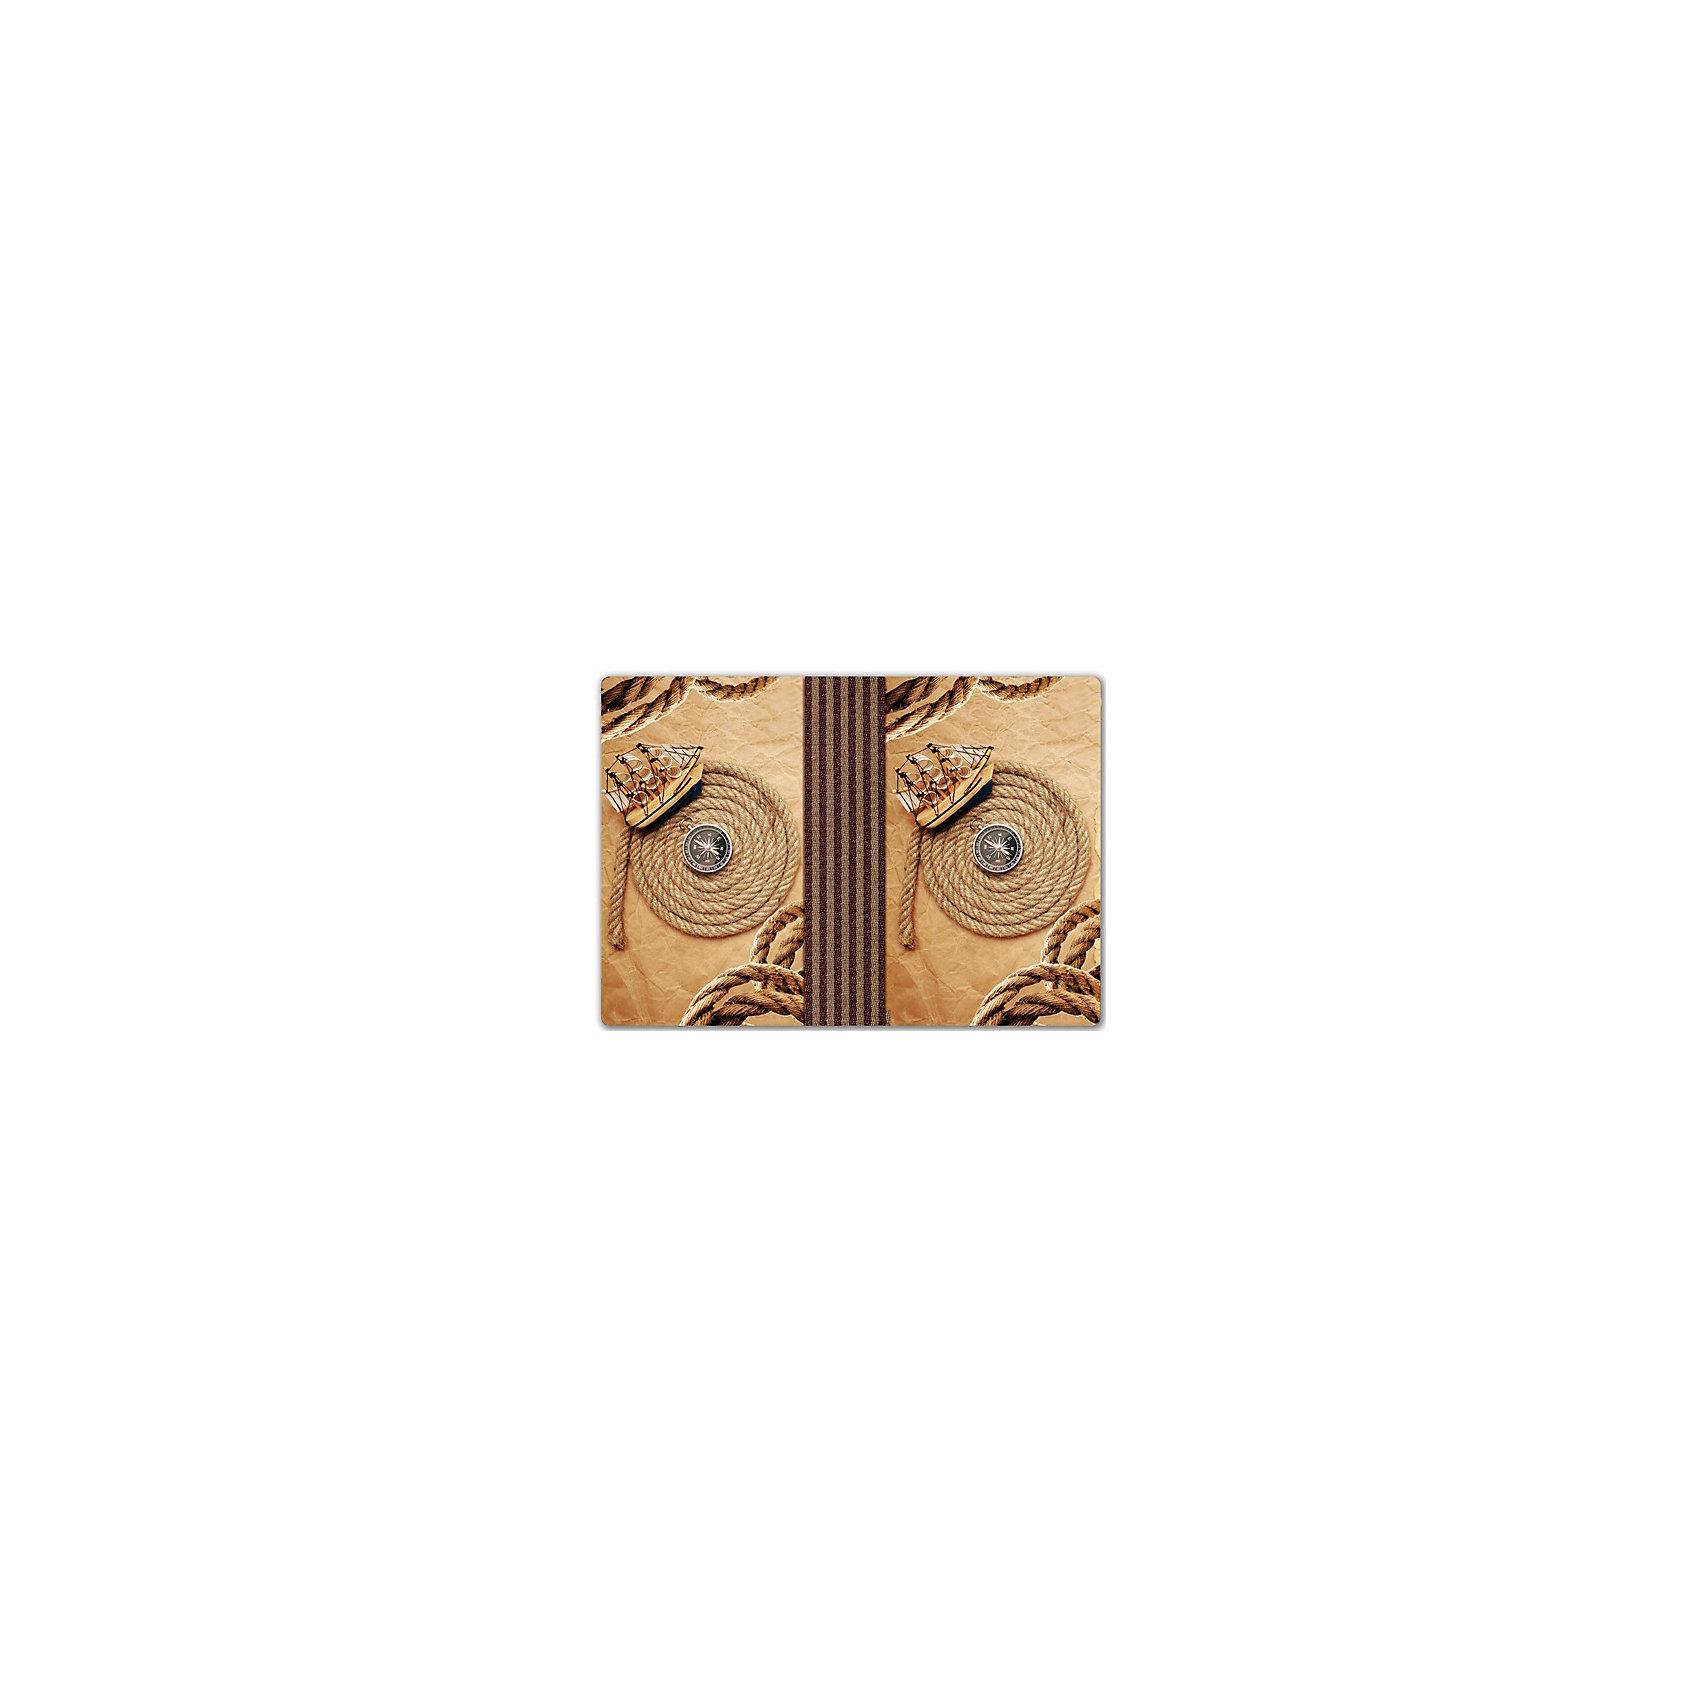 Обложка для паспорта Корабль, Феникс-ПрезентОбложки на паспорт<br>Обложка для паспорта Корабль, Феникс-Презент <br><br>Характеристики:<br><br>• оригинальный дизайн<br>• высокая прочность<br>• размер: 13,3х19,1 см<br>• материал: ПВХ<br><br>Стильная обложка для паспорта надежно защитит ваши документы от механических повреждений, а также подчеркнет индивидуальность образа. Изделие выполнено из износостойкого поливинилхлорида и оформлено красочным рисунков с изображением корабля.<br><br>Обложку для паспорта Корабль, Феникс-Презент вы можете купить в нашем интернет-магазине.<br><br>Ширина мм: 133<br>Глубина мм: 191<br>Высота мм: 50<br>Вес г: 35<br>Возраст от месяцев: 168<br>Возраст до месяцев: 2147483647<br>Пол: Унисекс<br>Возраст: Детский<br>SKU: 5449608